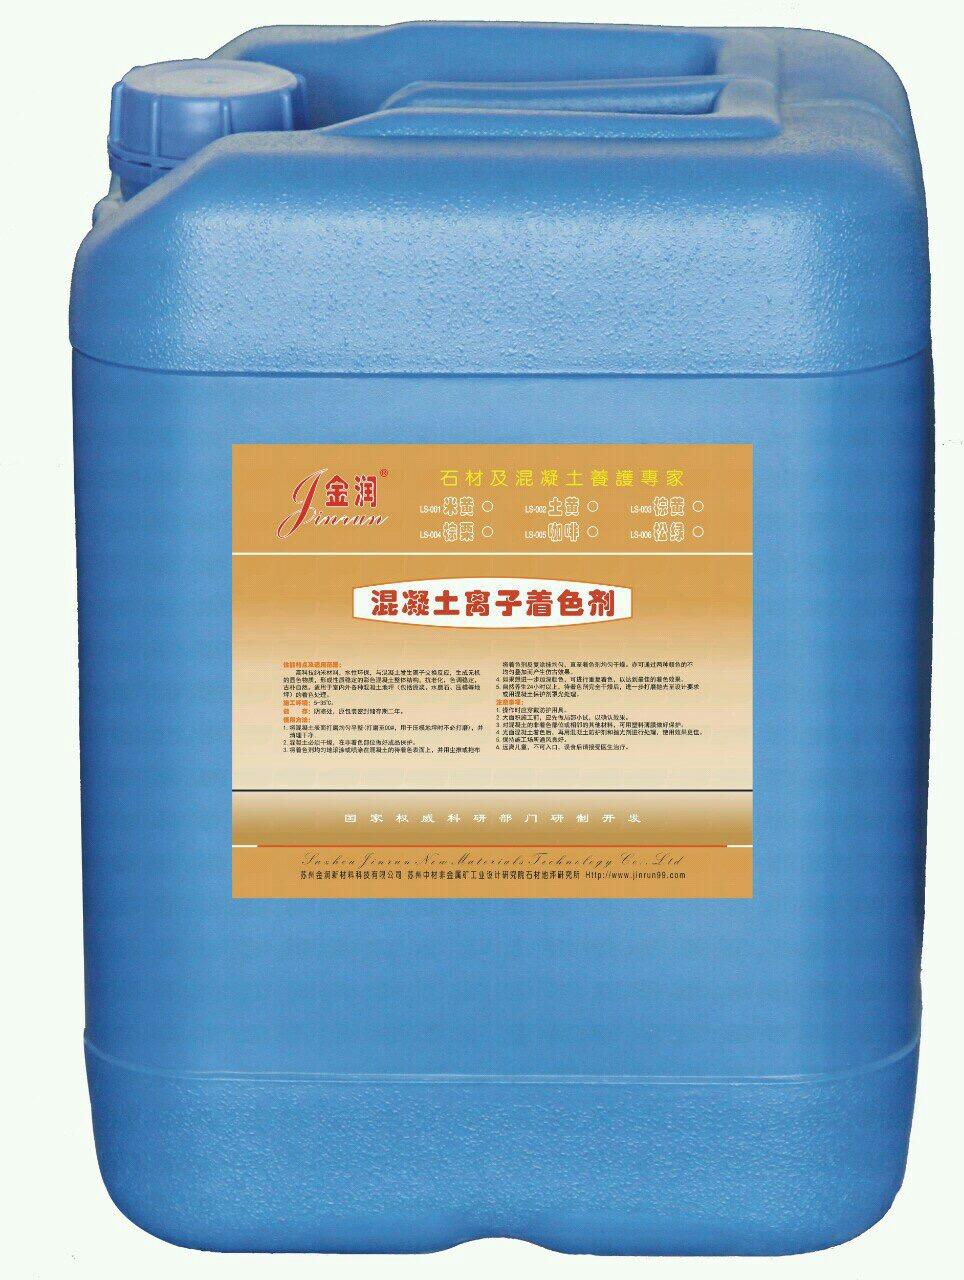 LS-系列-金润混凝土离子着色剂